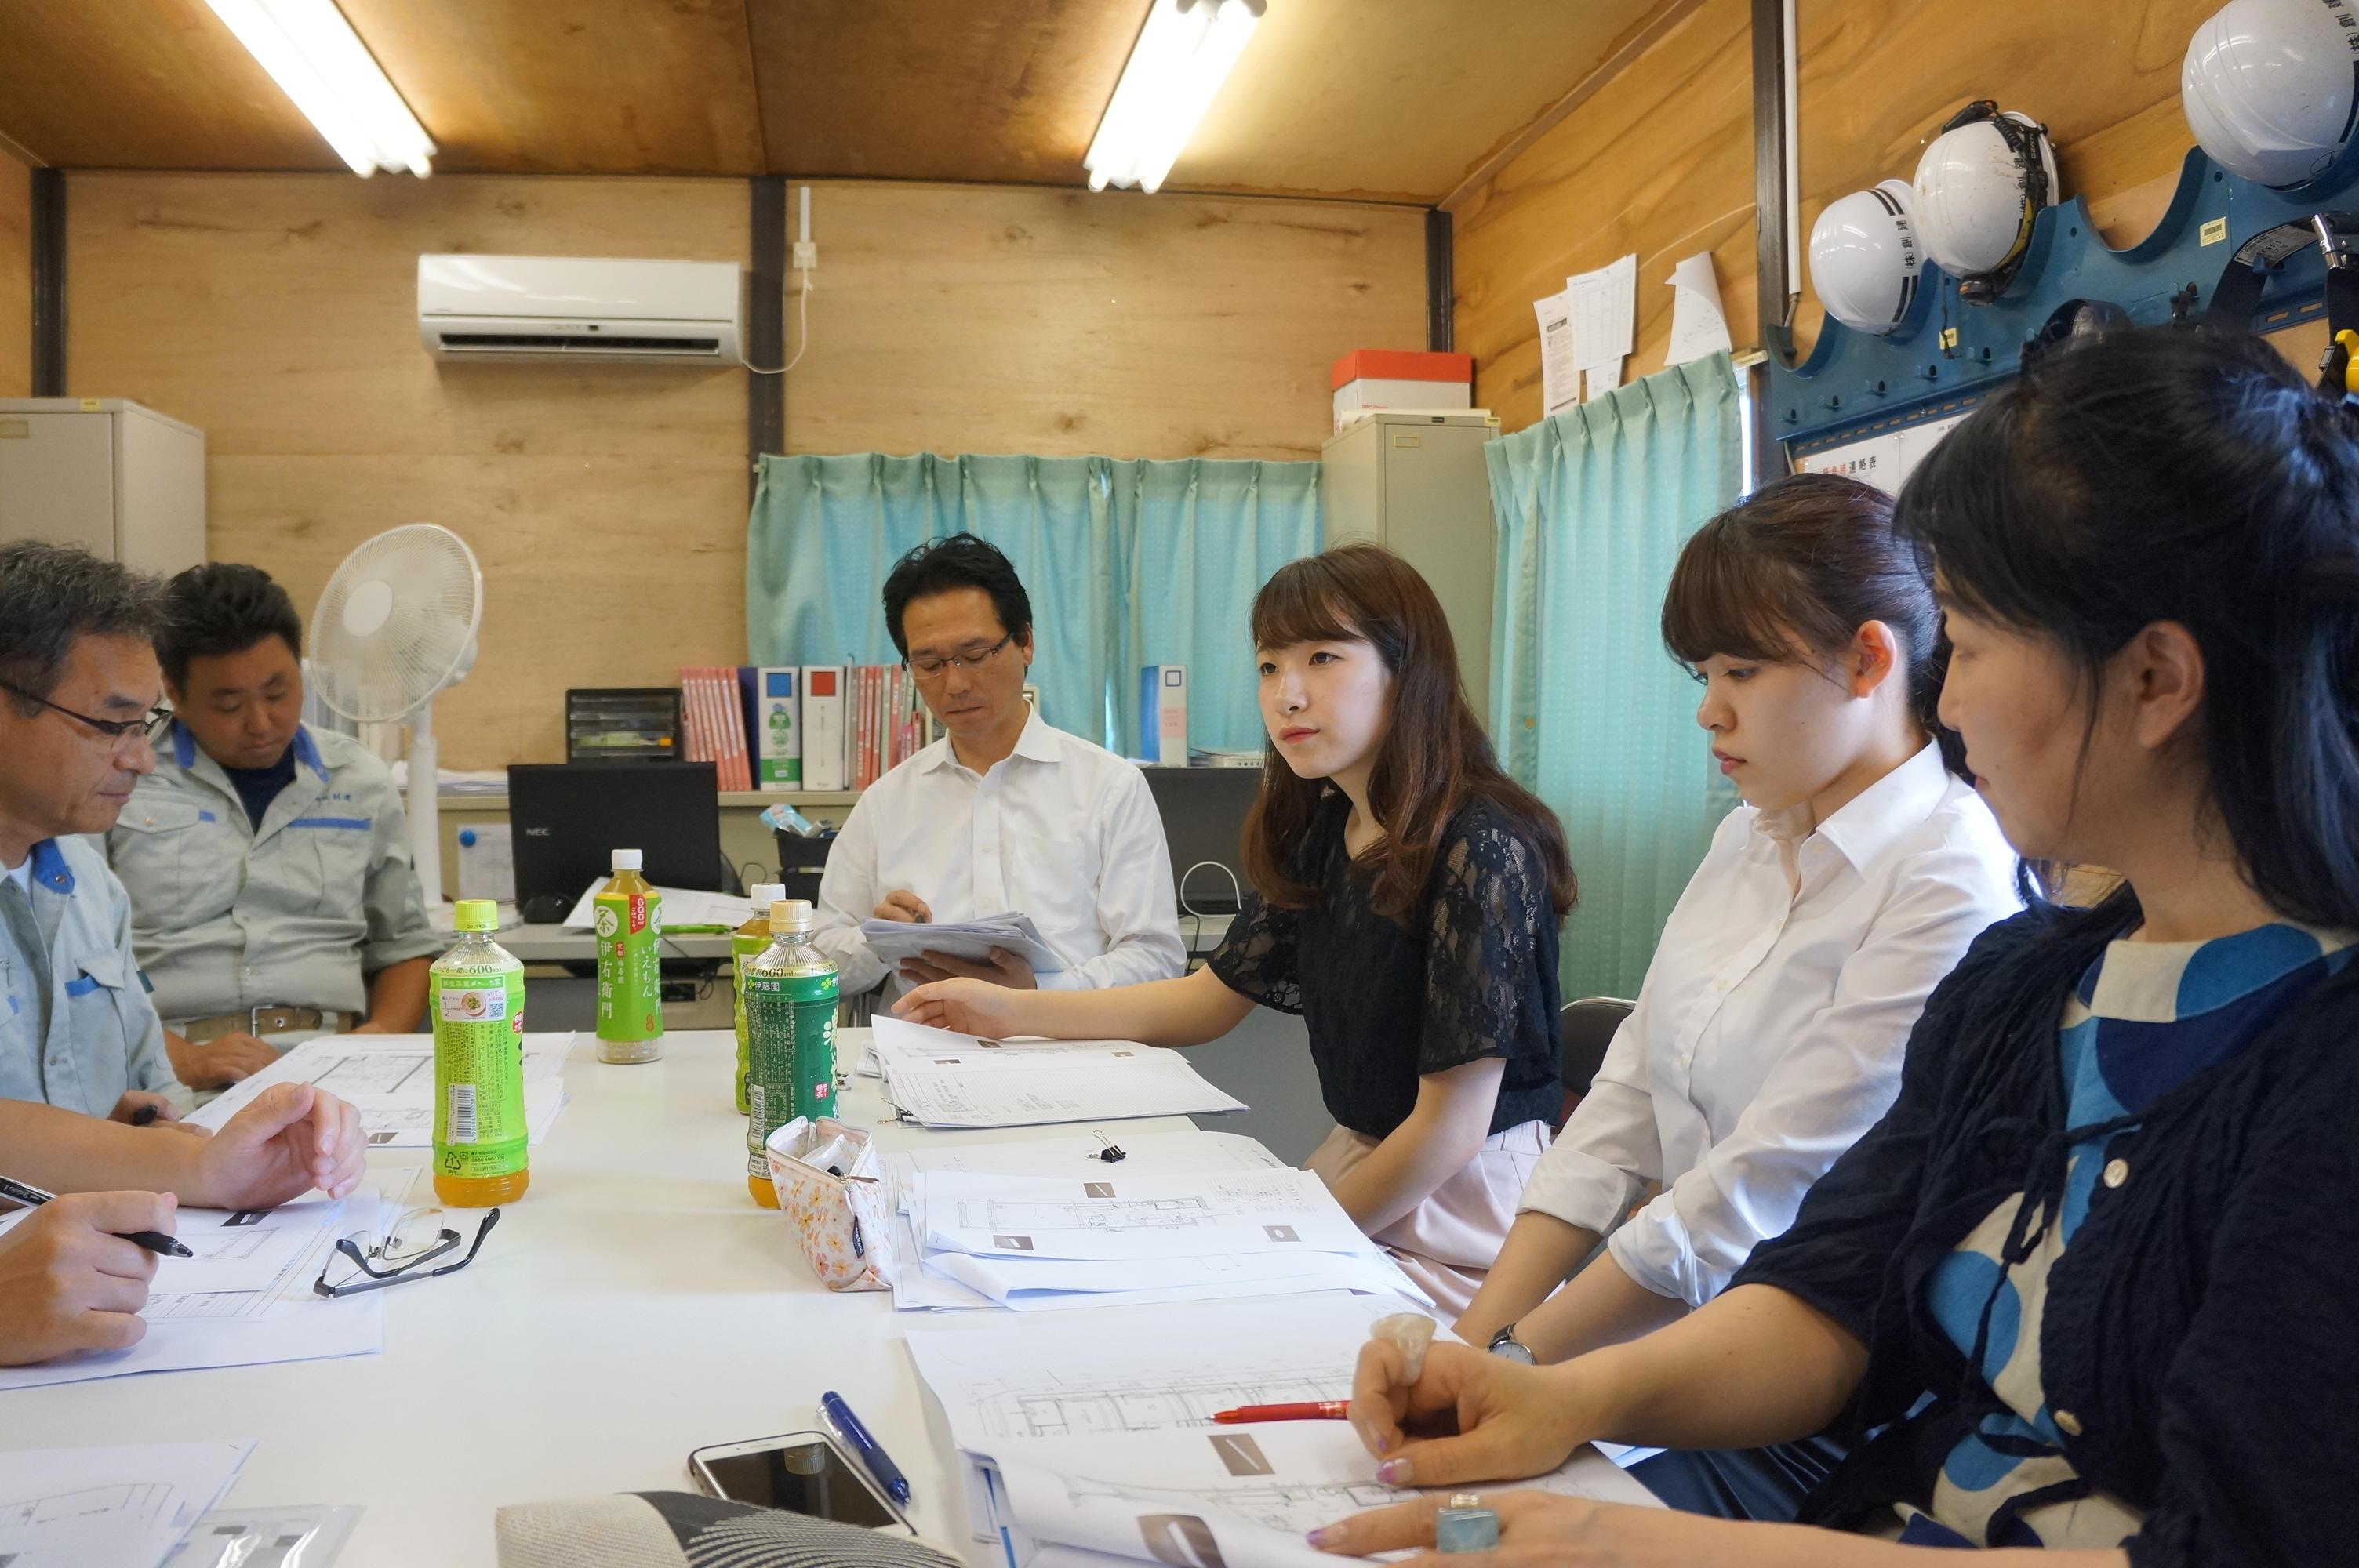 駒沢女子大学の学生が新築賃貸集合住宅のコンセプトやデザインを企画・提案した産学連携課題「コマジョクリエ」物件が2019年2月に竣工~完成披露内覧会および完成式典を2月26日に実施